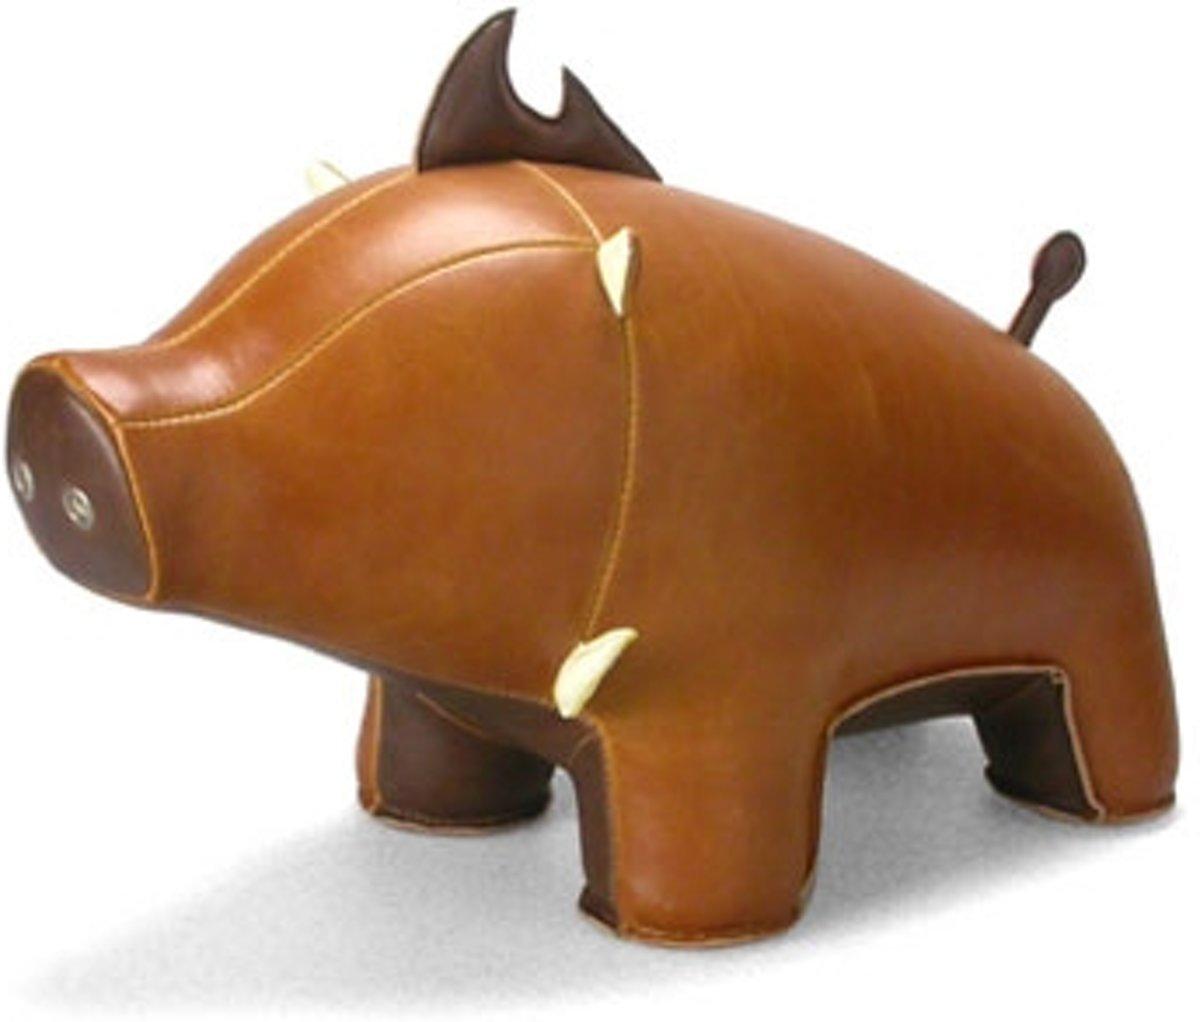 Zuny boekensteun everzwijn tan / brown kopen